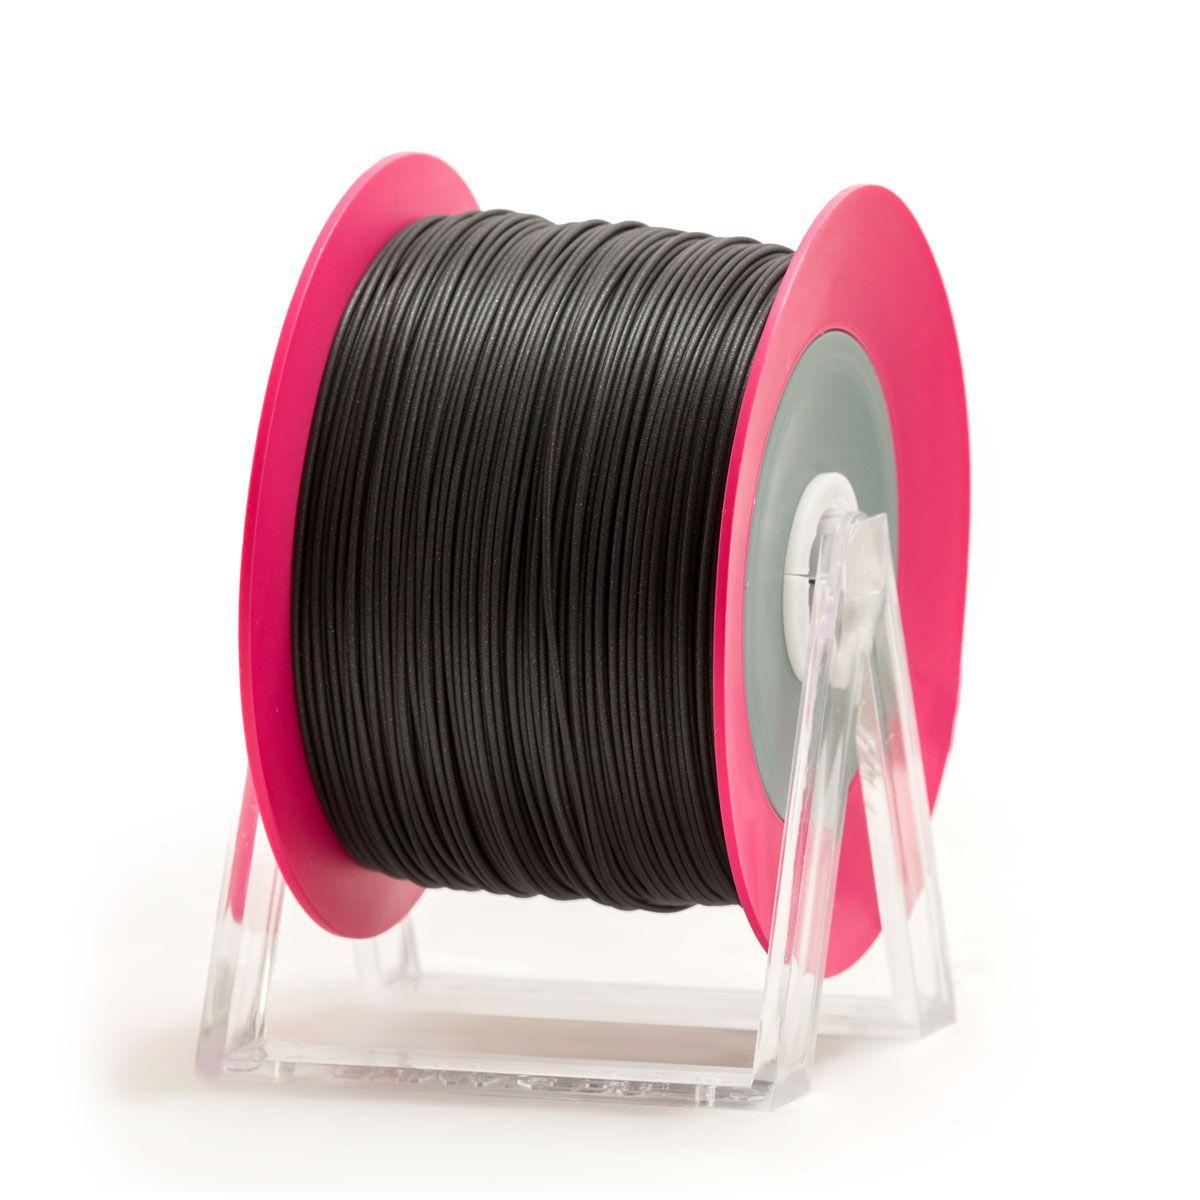 PLA Filament | Color: Glossy Black